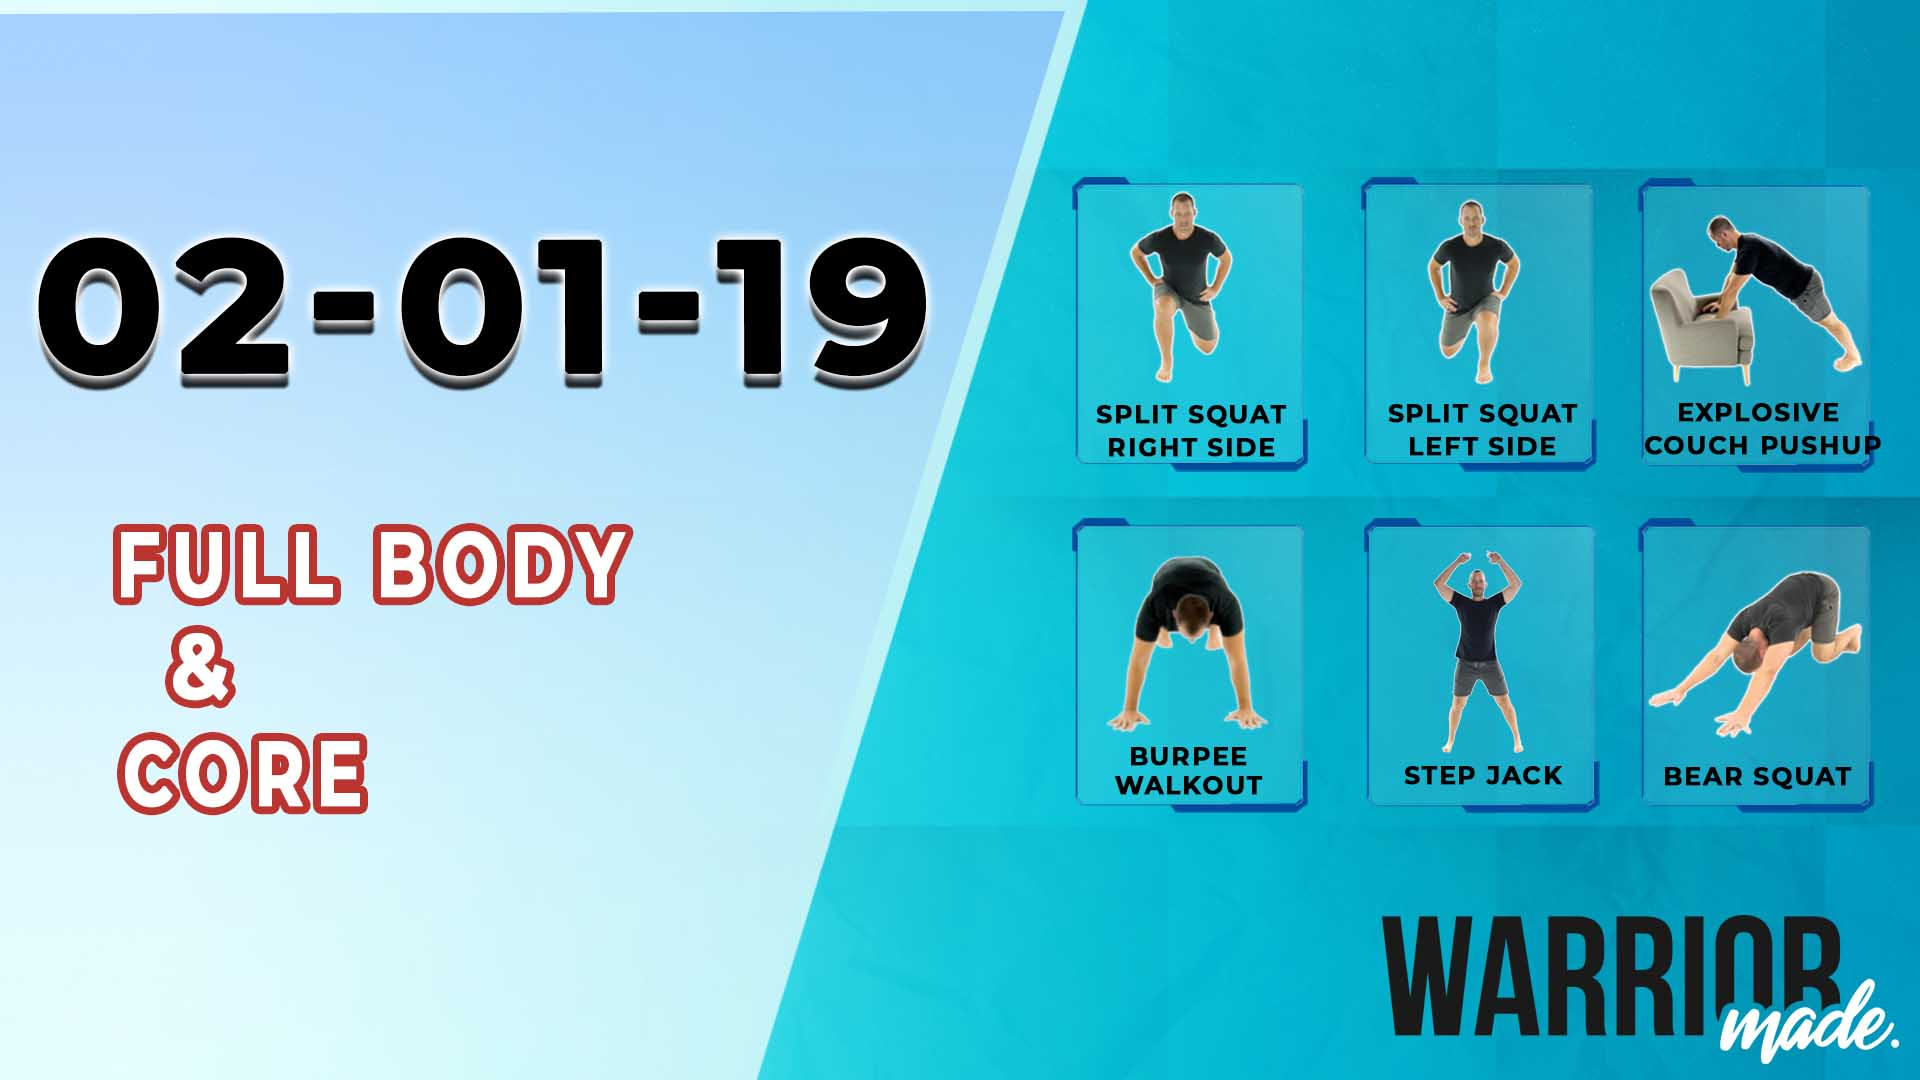 workouts-02-01-19